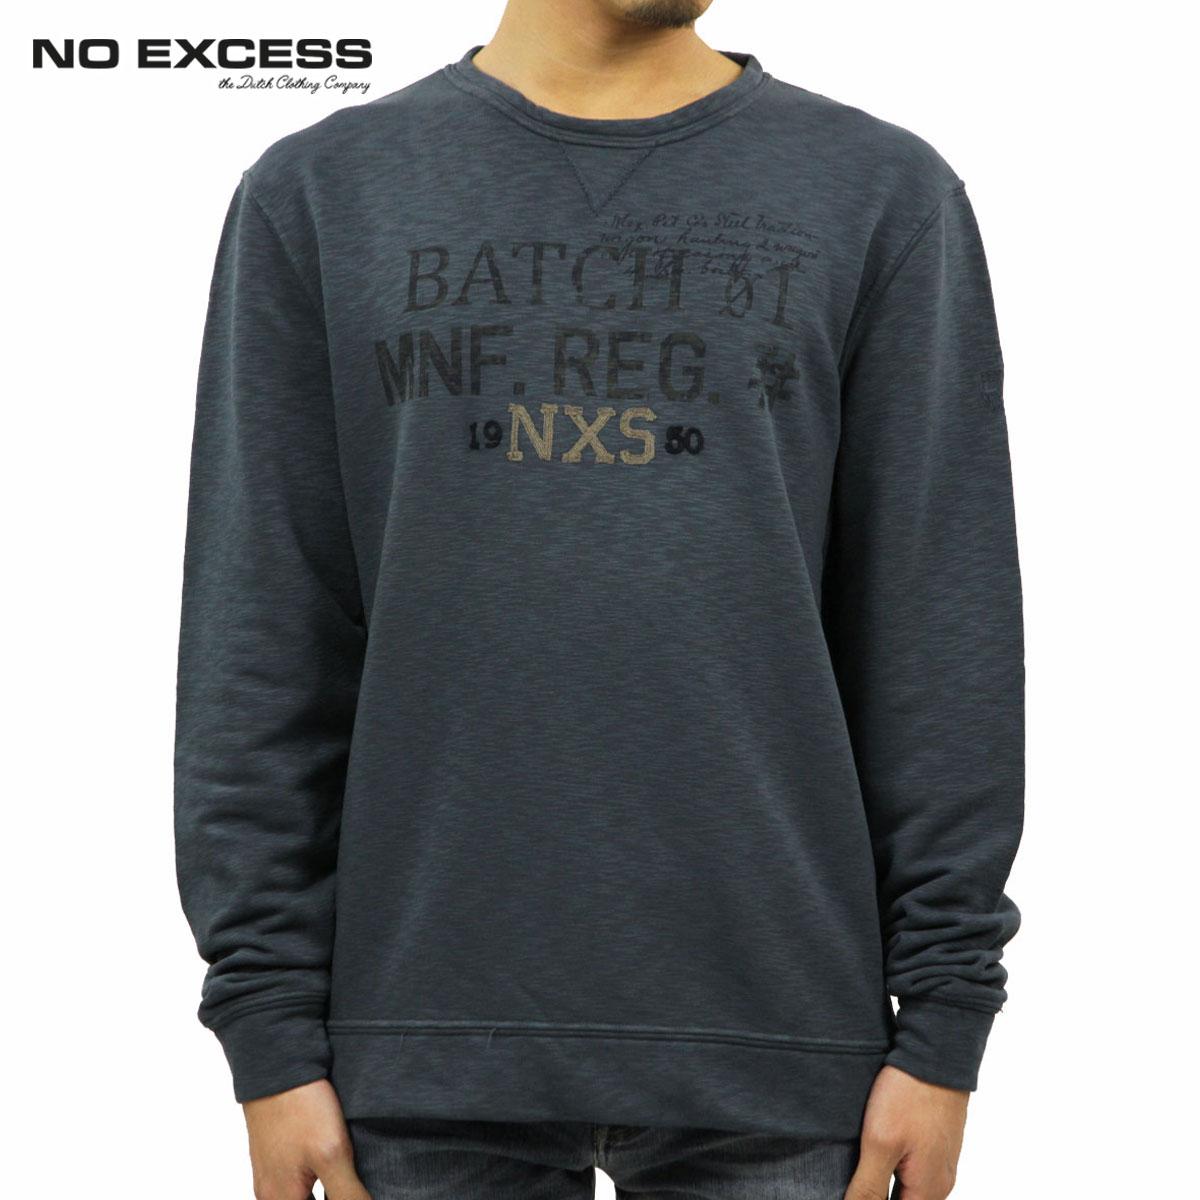 【販売期間 11/10 10:00~11/13 9:59】 ノーエクセス NO EXCESS 正規販売店 メンズ スウェット Crew Neck Fleece